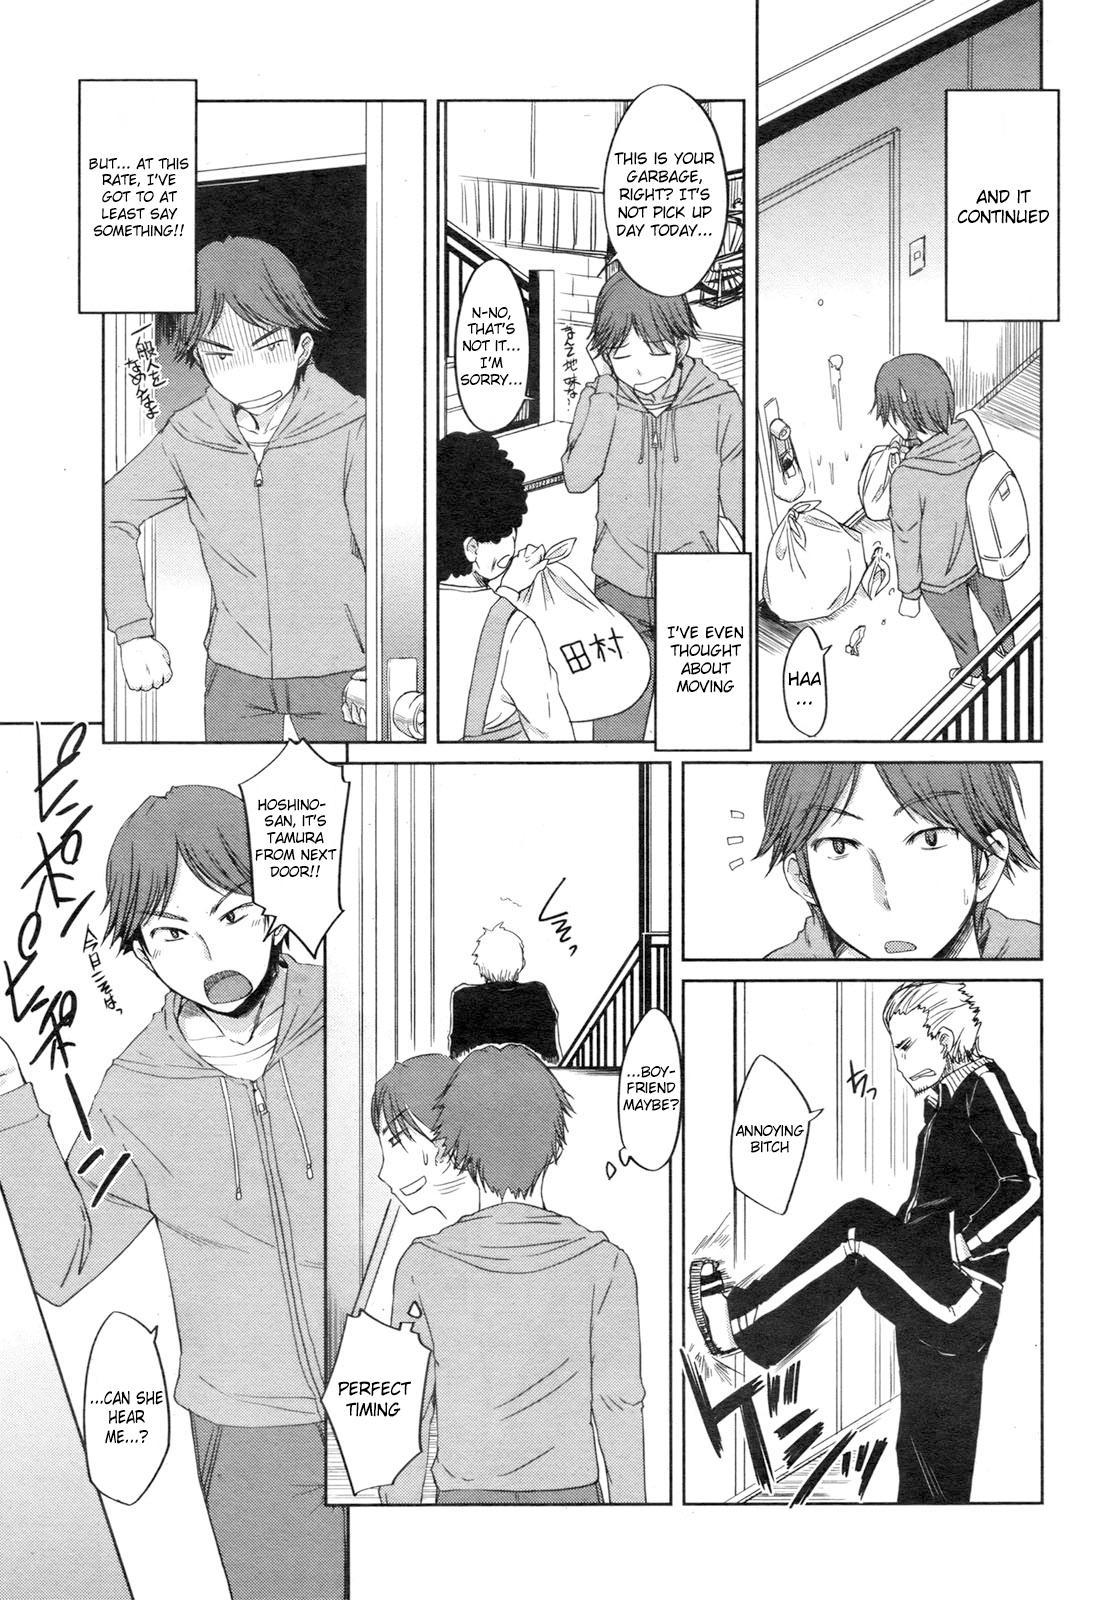 Tonari no Meiwaku-san | Annoyance Next Door 2